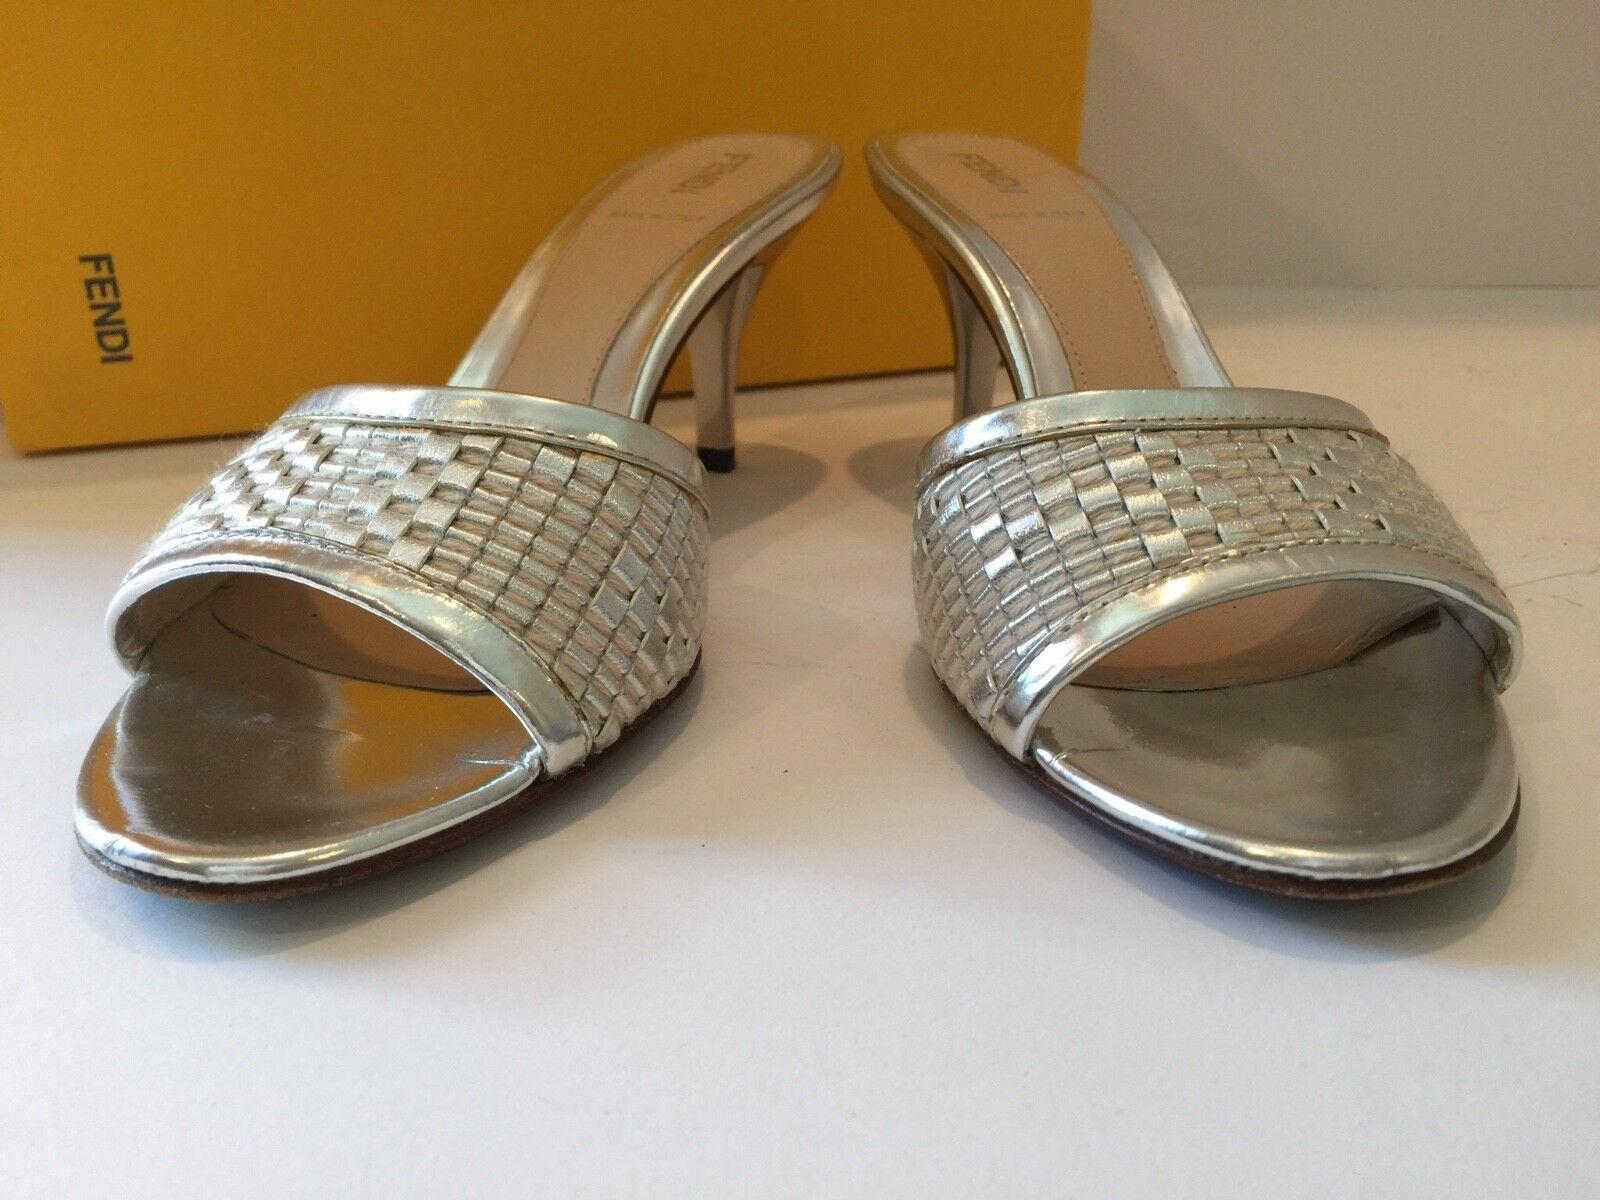 460 FENDI Argent & ECRU en CUIR Sandale Chaussures Mule 3  brevet Talon Taille 6 1 2